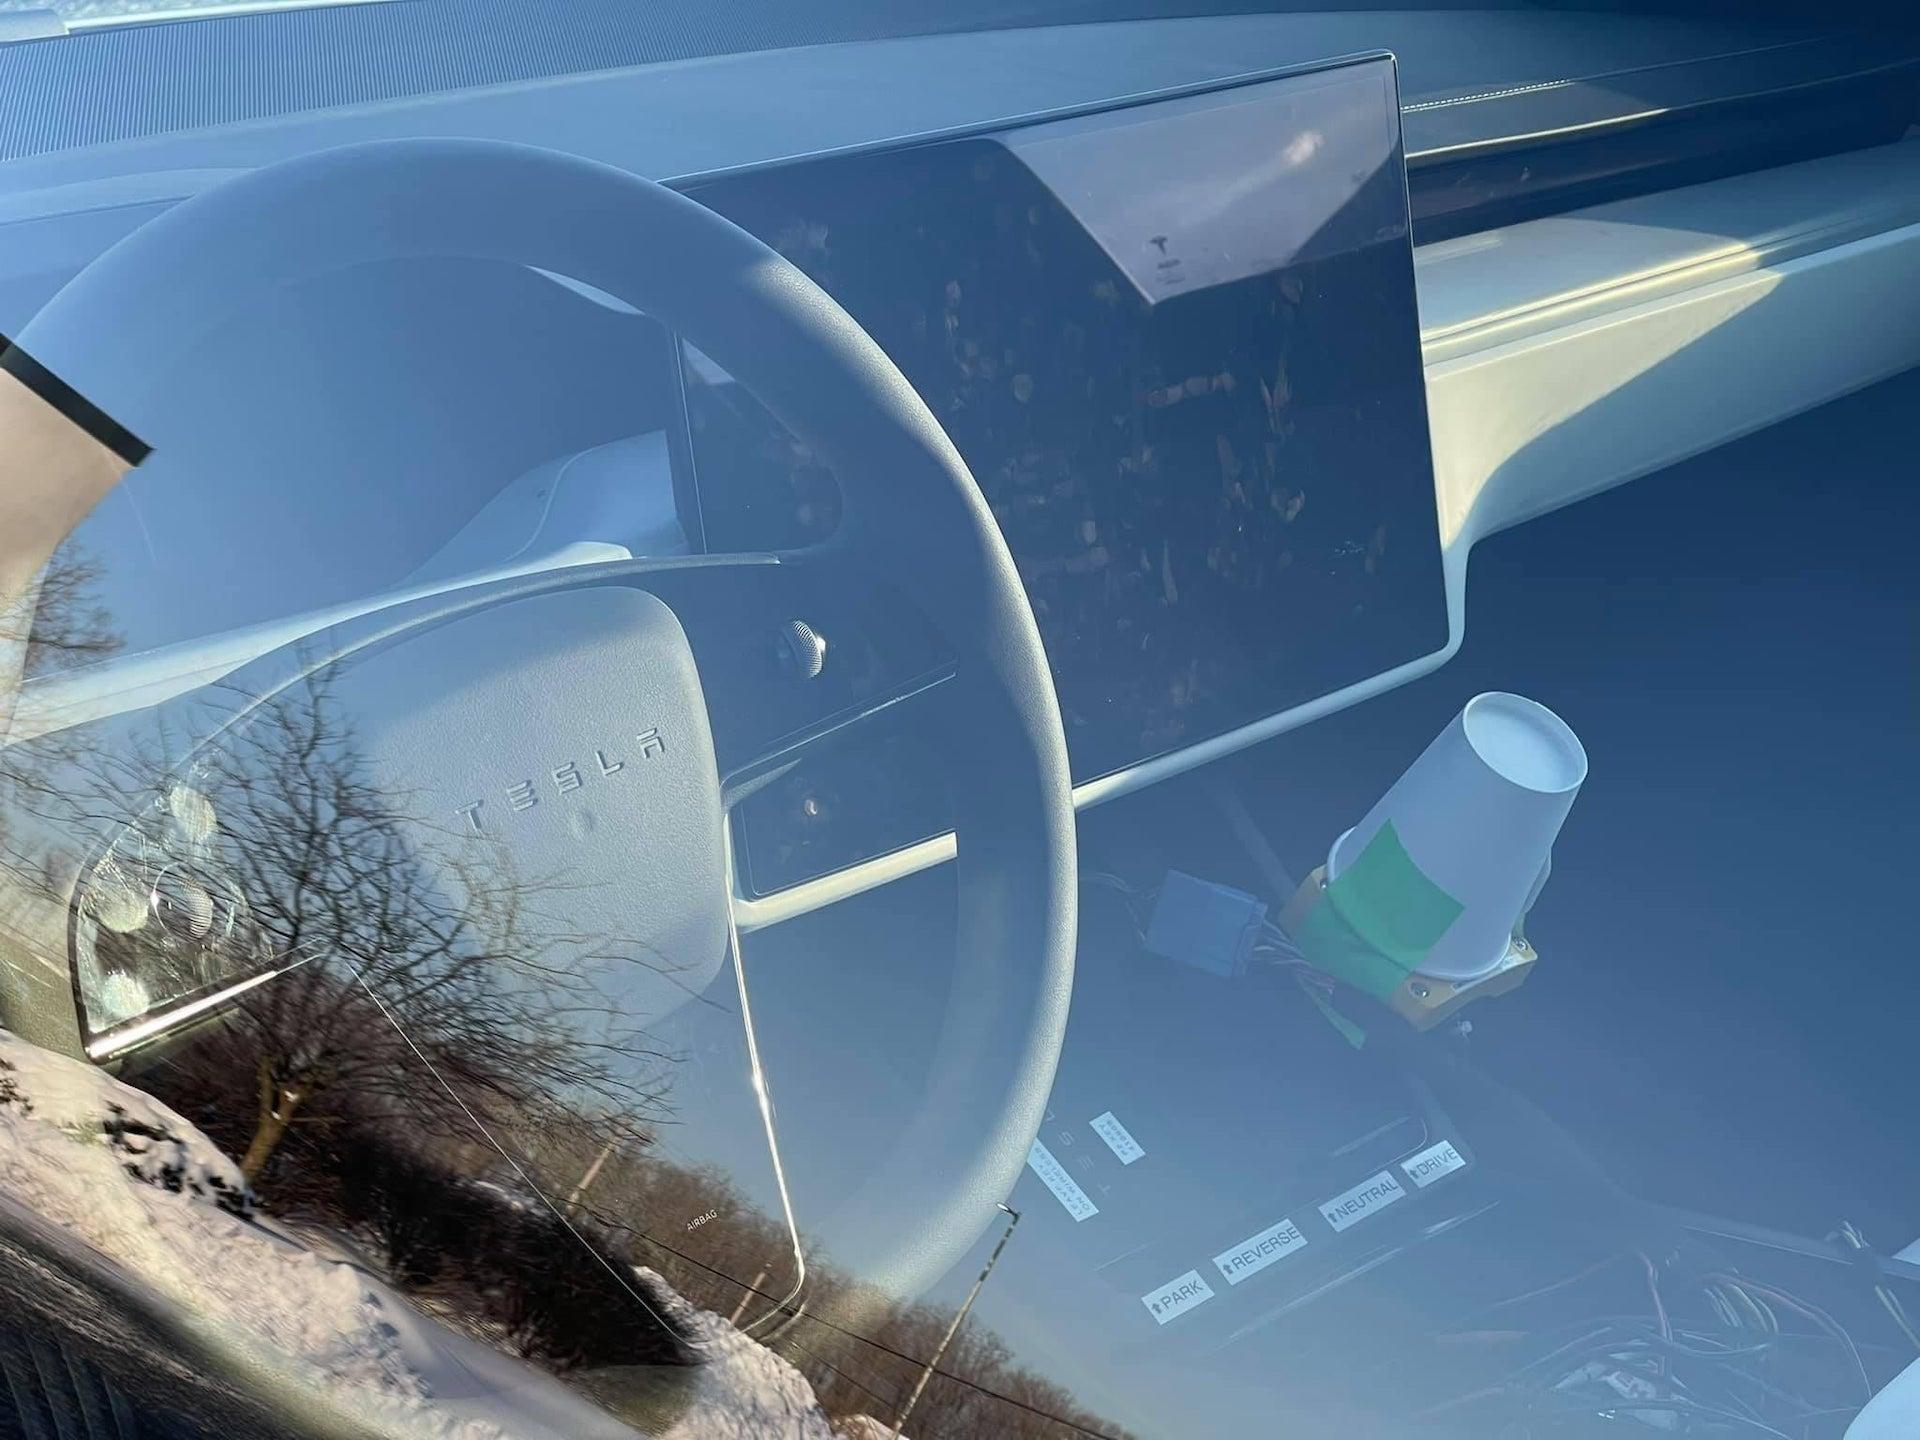 Voici à quoi ressemble la nouvelle Model S avec un volant « classique » - Numerama